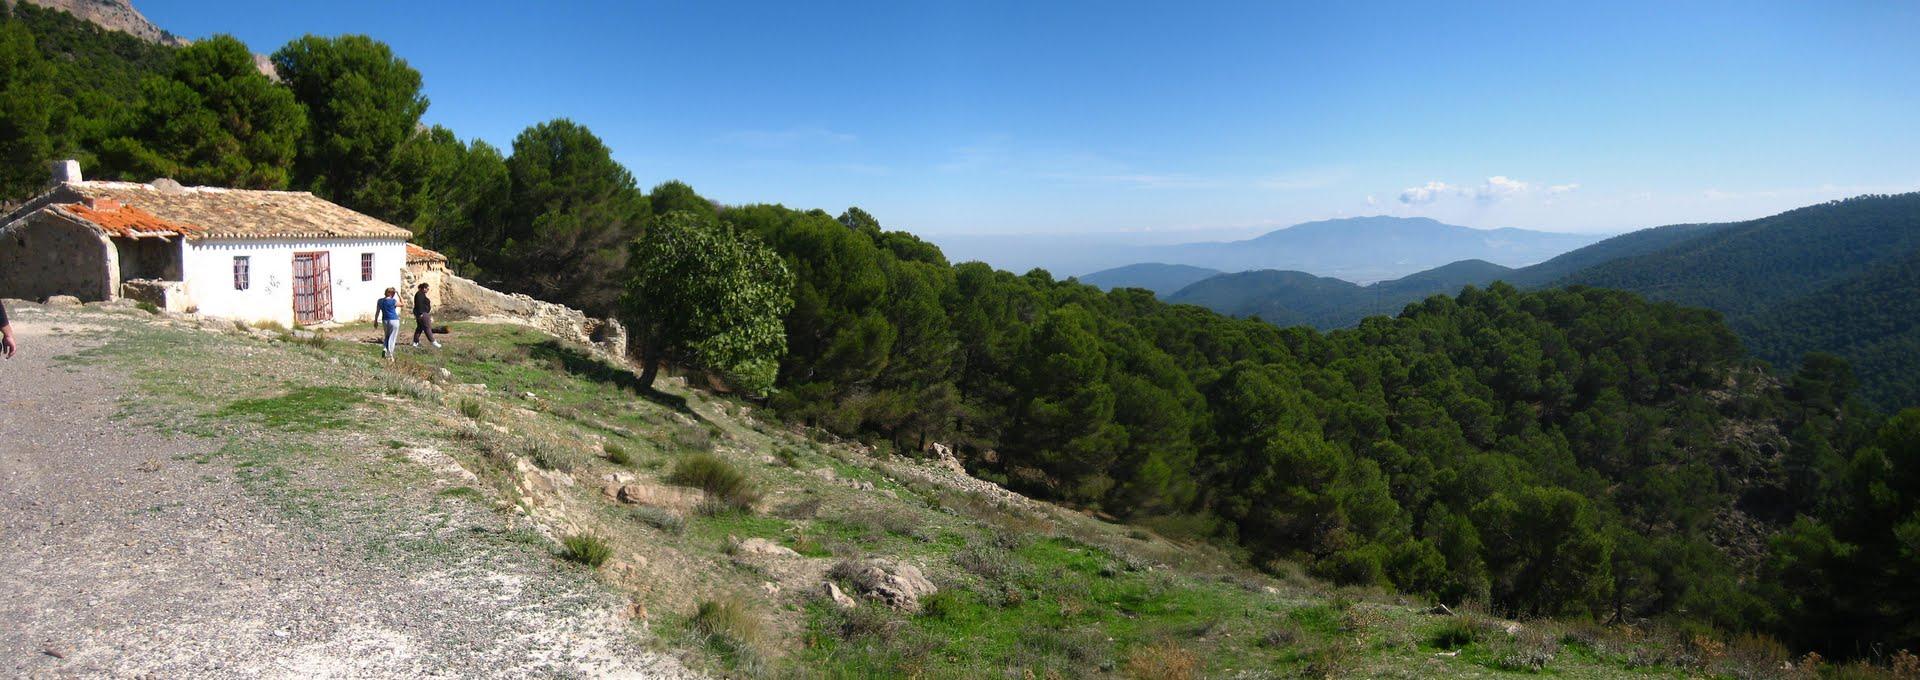 Sendero de El Berro de Sierra Espuña